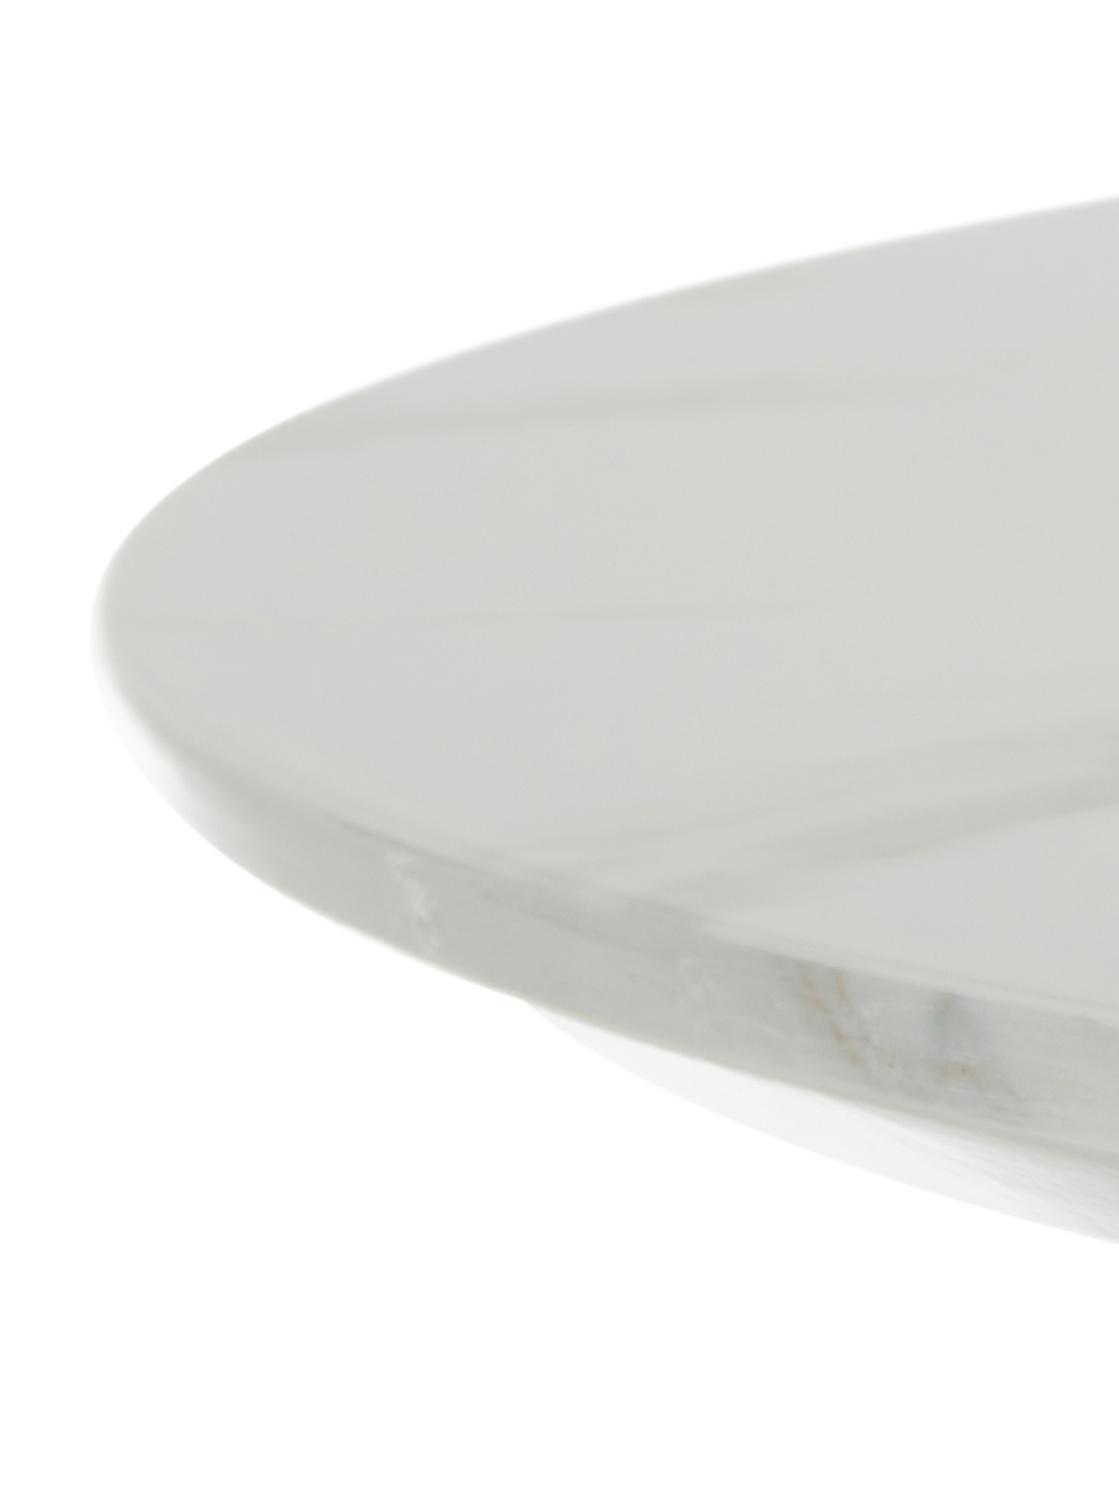 Ronde eettafel Karla in marmerlook, Tafelblad: MDF, bedekt met gelakt pa, Tafelblad: wit, gemarmerd. Tafelpoot: mat goudkleurig, Ø 90 x H 75 cm